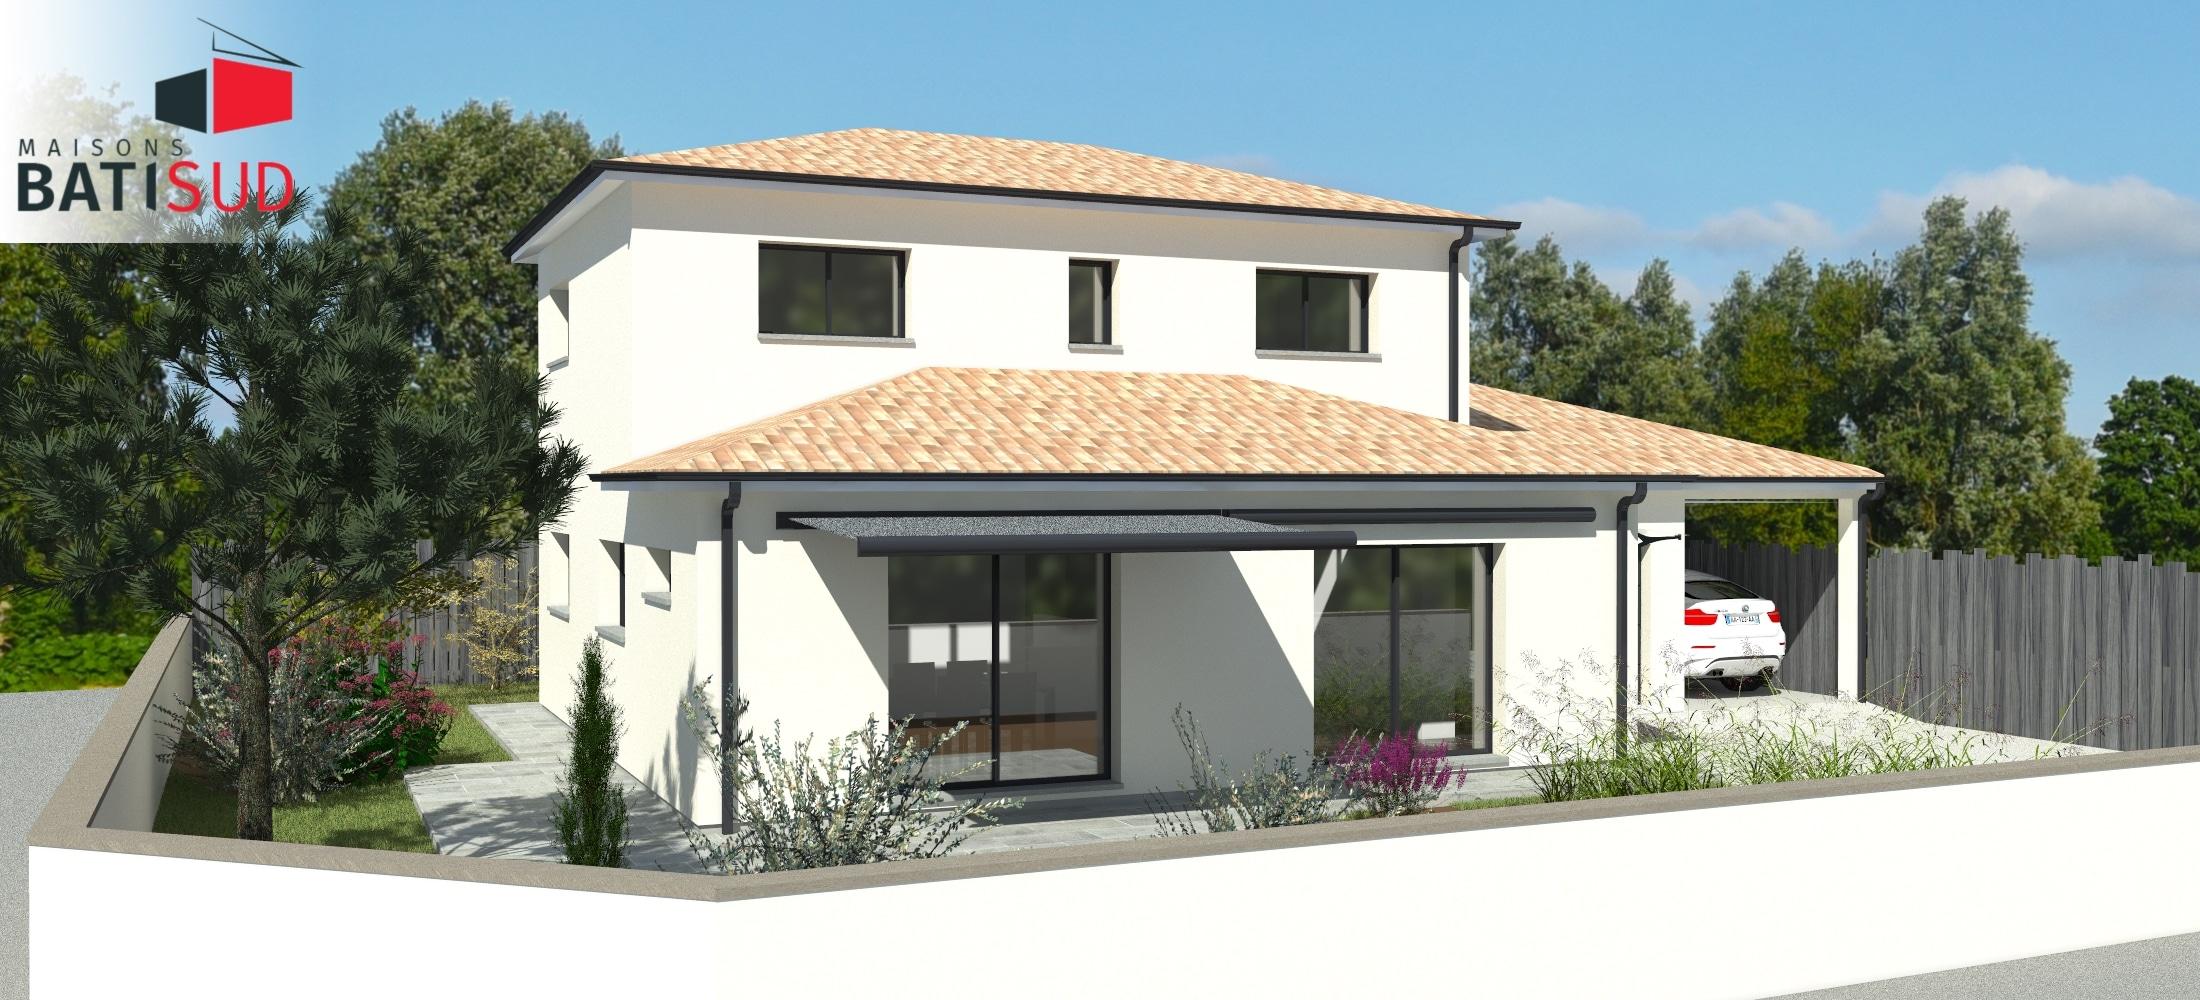 maisons Bati Sud Saint Médart en Jalles- construction home